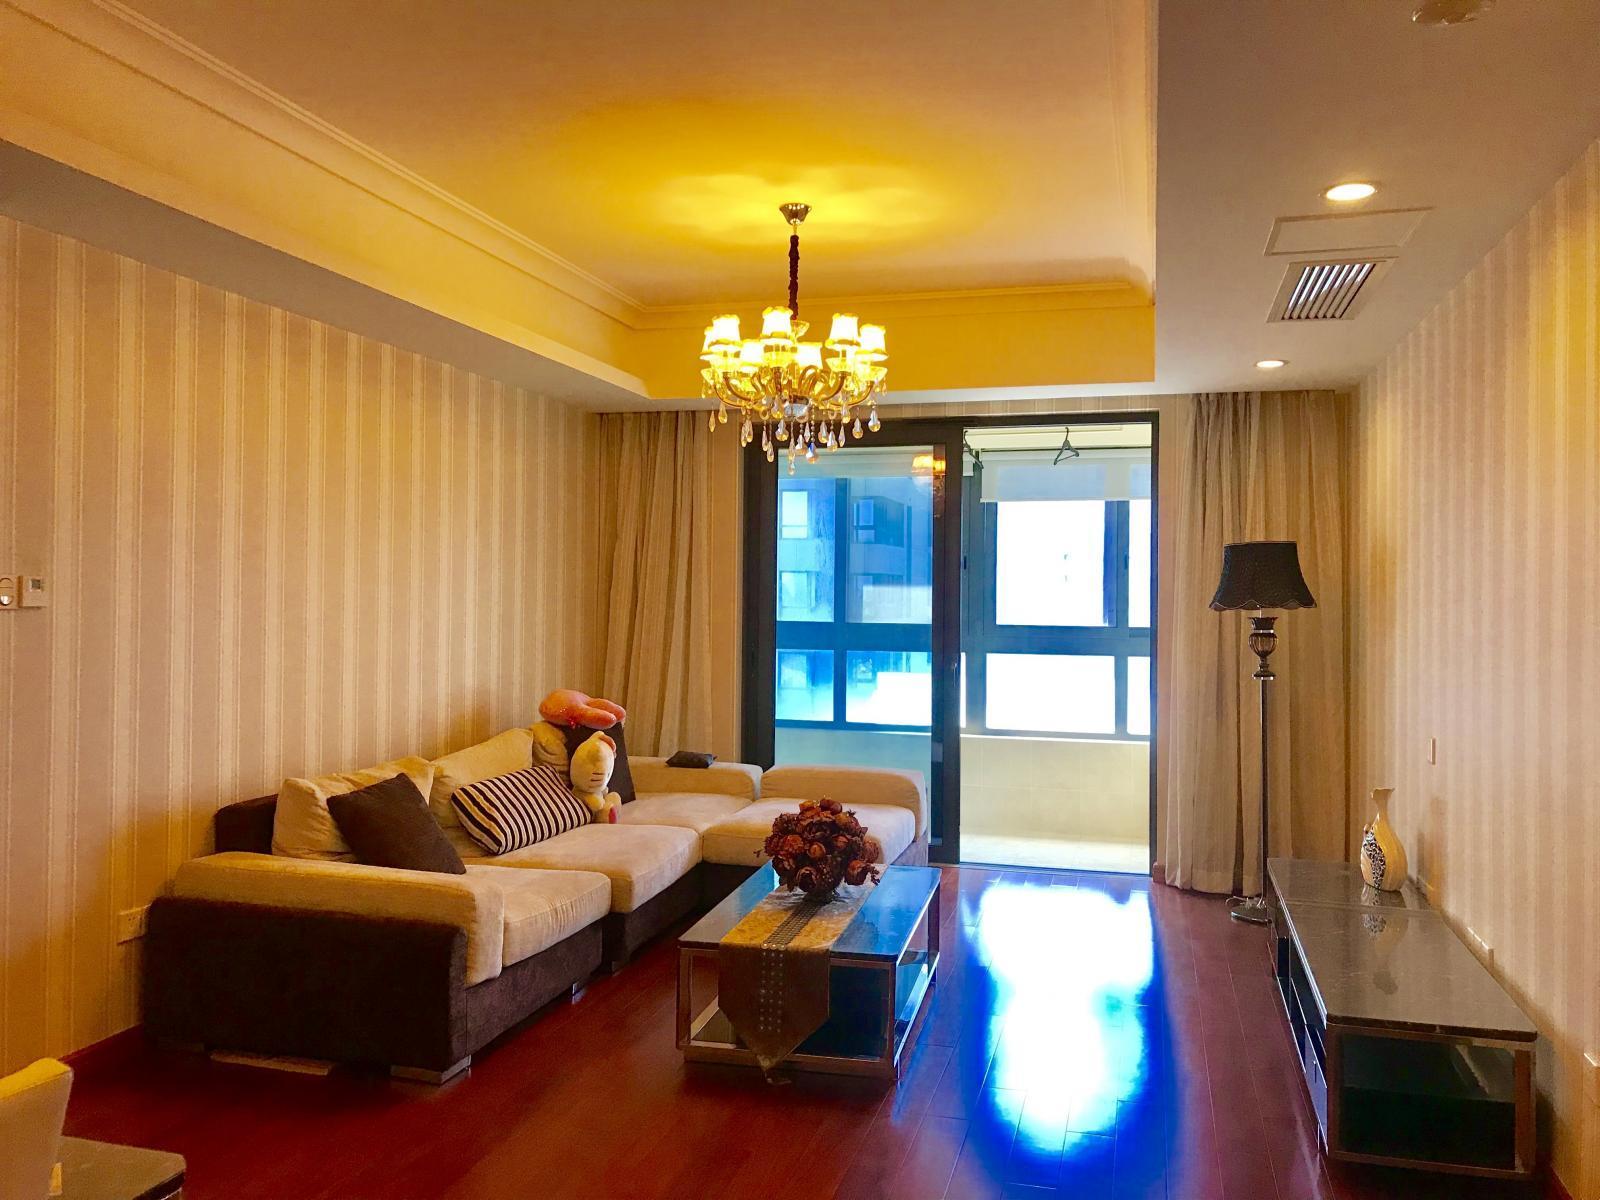 河西奥体仁恒江湾城二期楼王位置安静舒适小区环境优美品牌物业